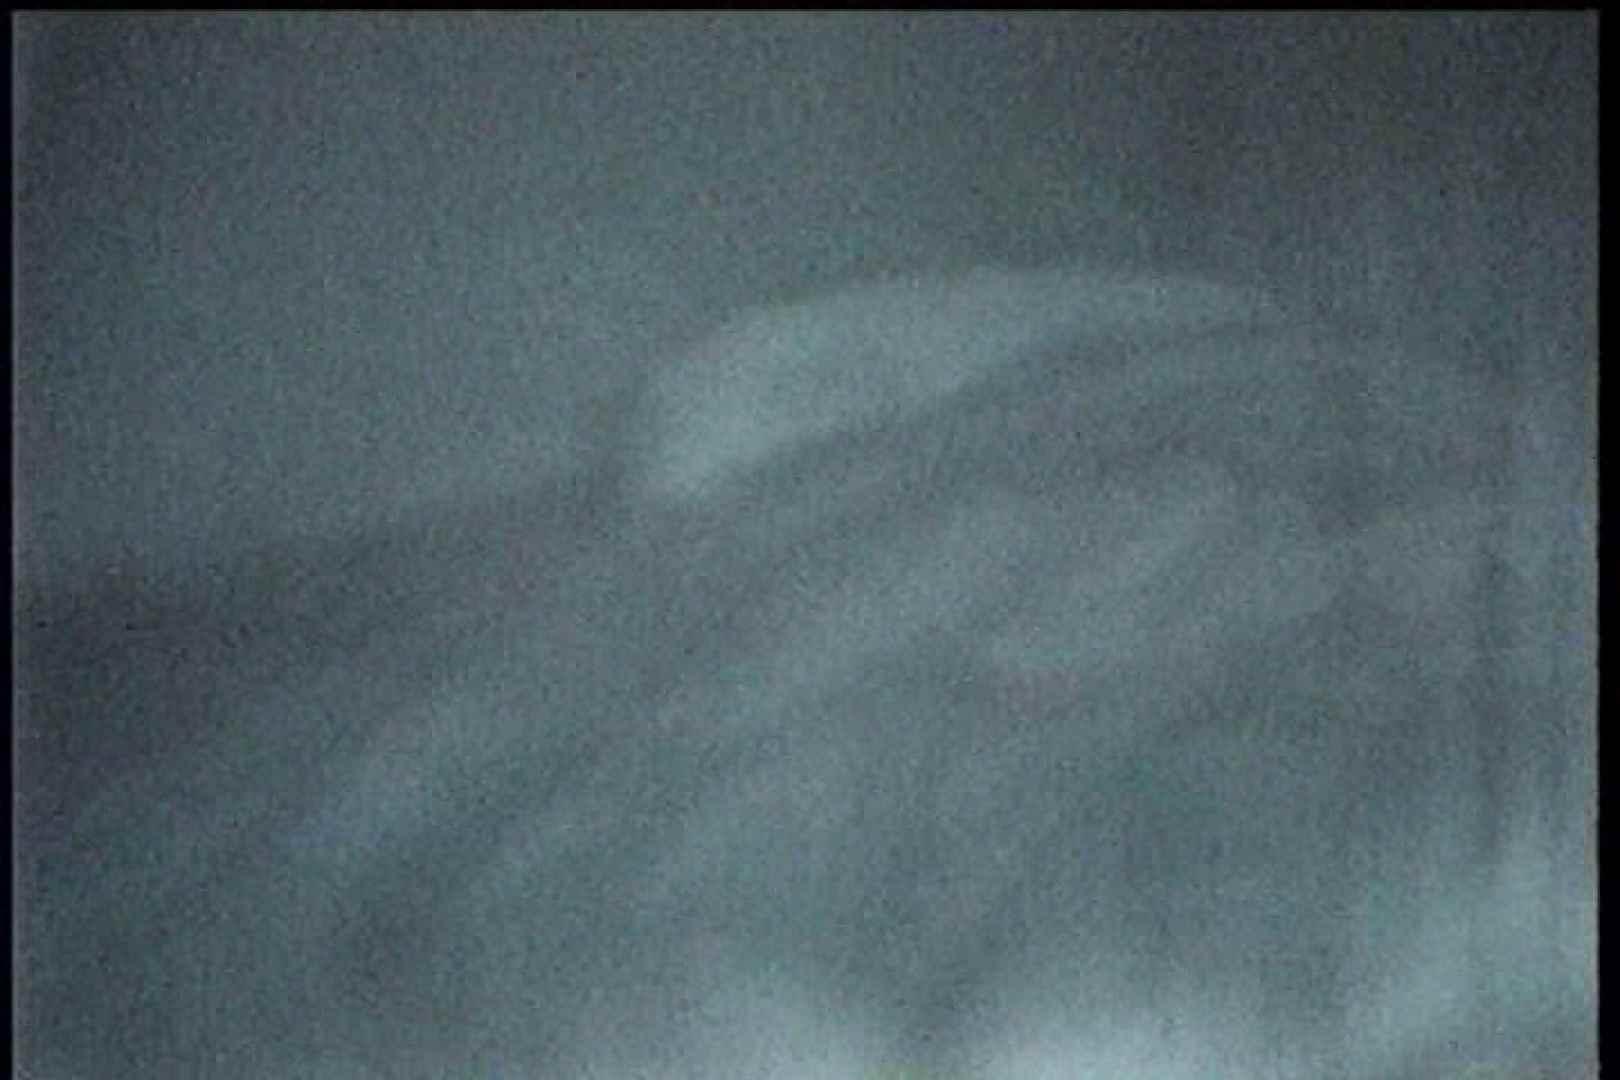 充血監督の深夜の運動会Vol.200 OLすけべ画像   クンニ  102連発 83